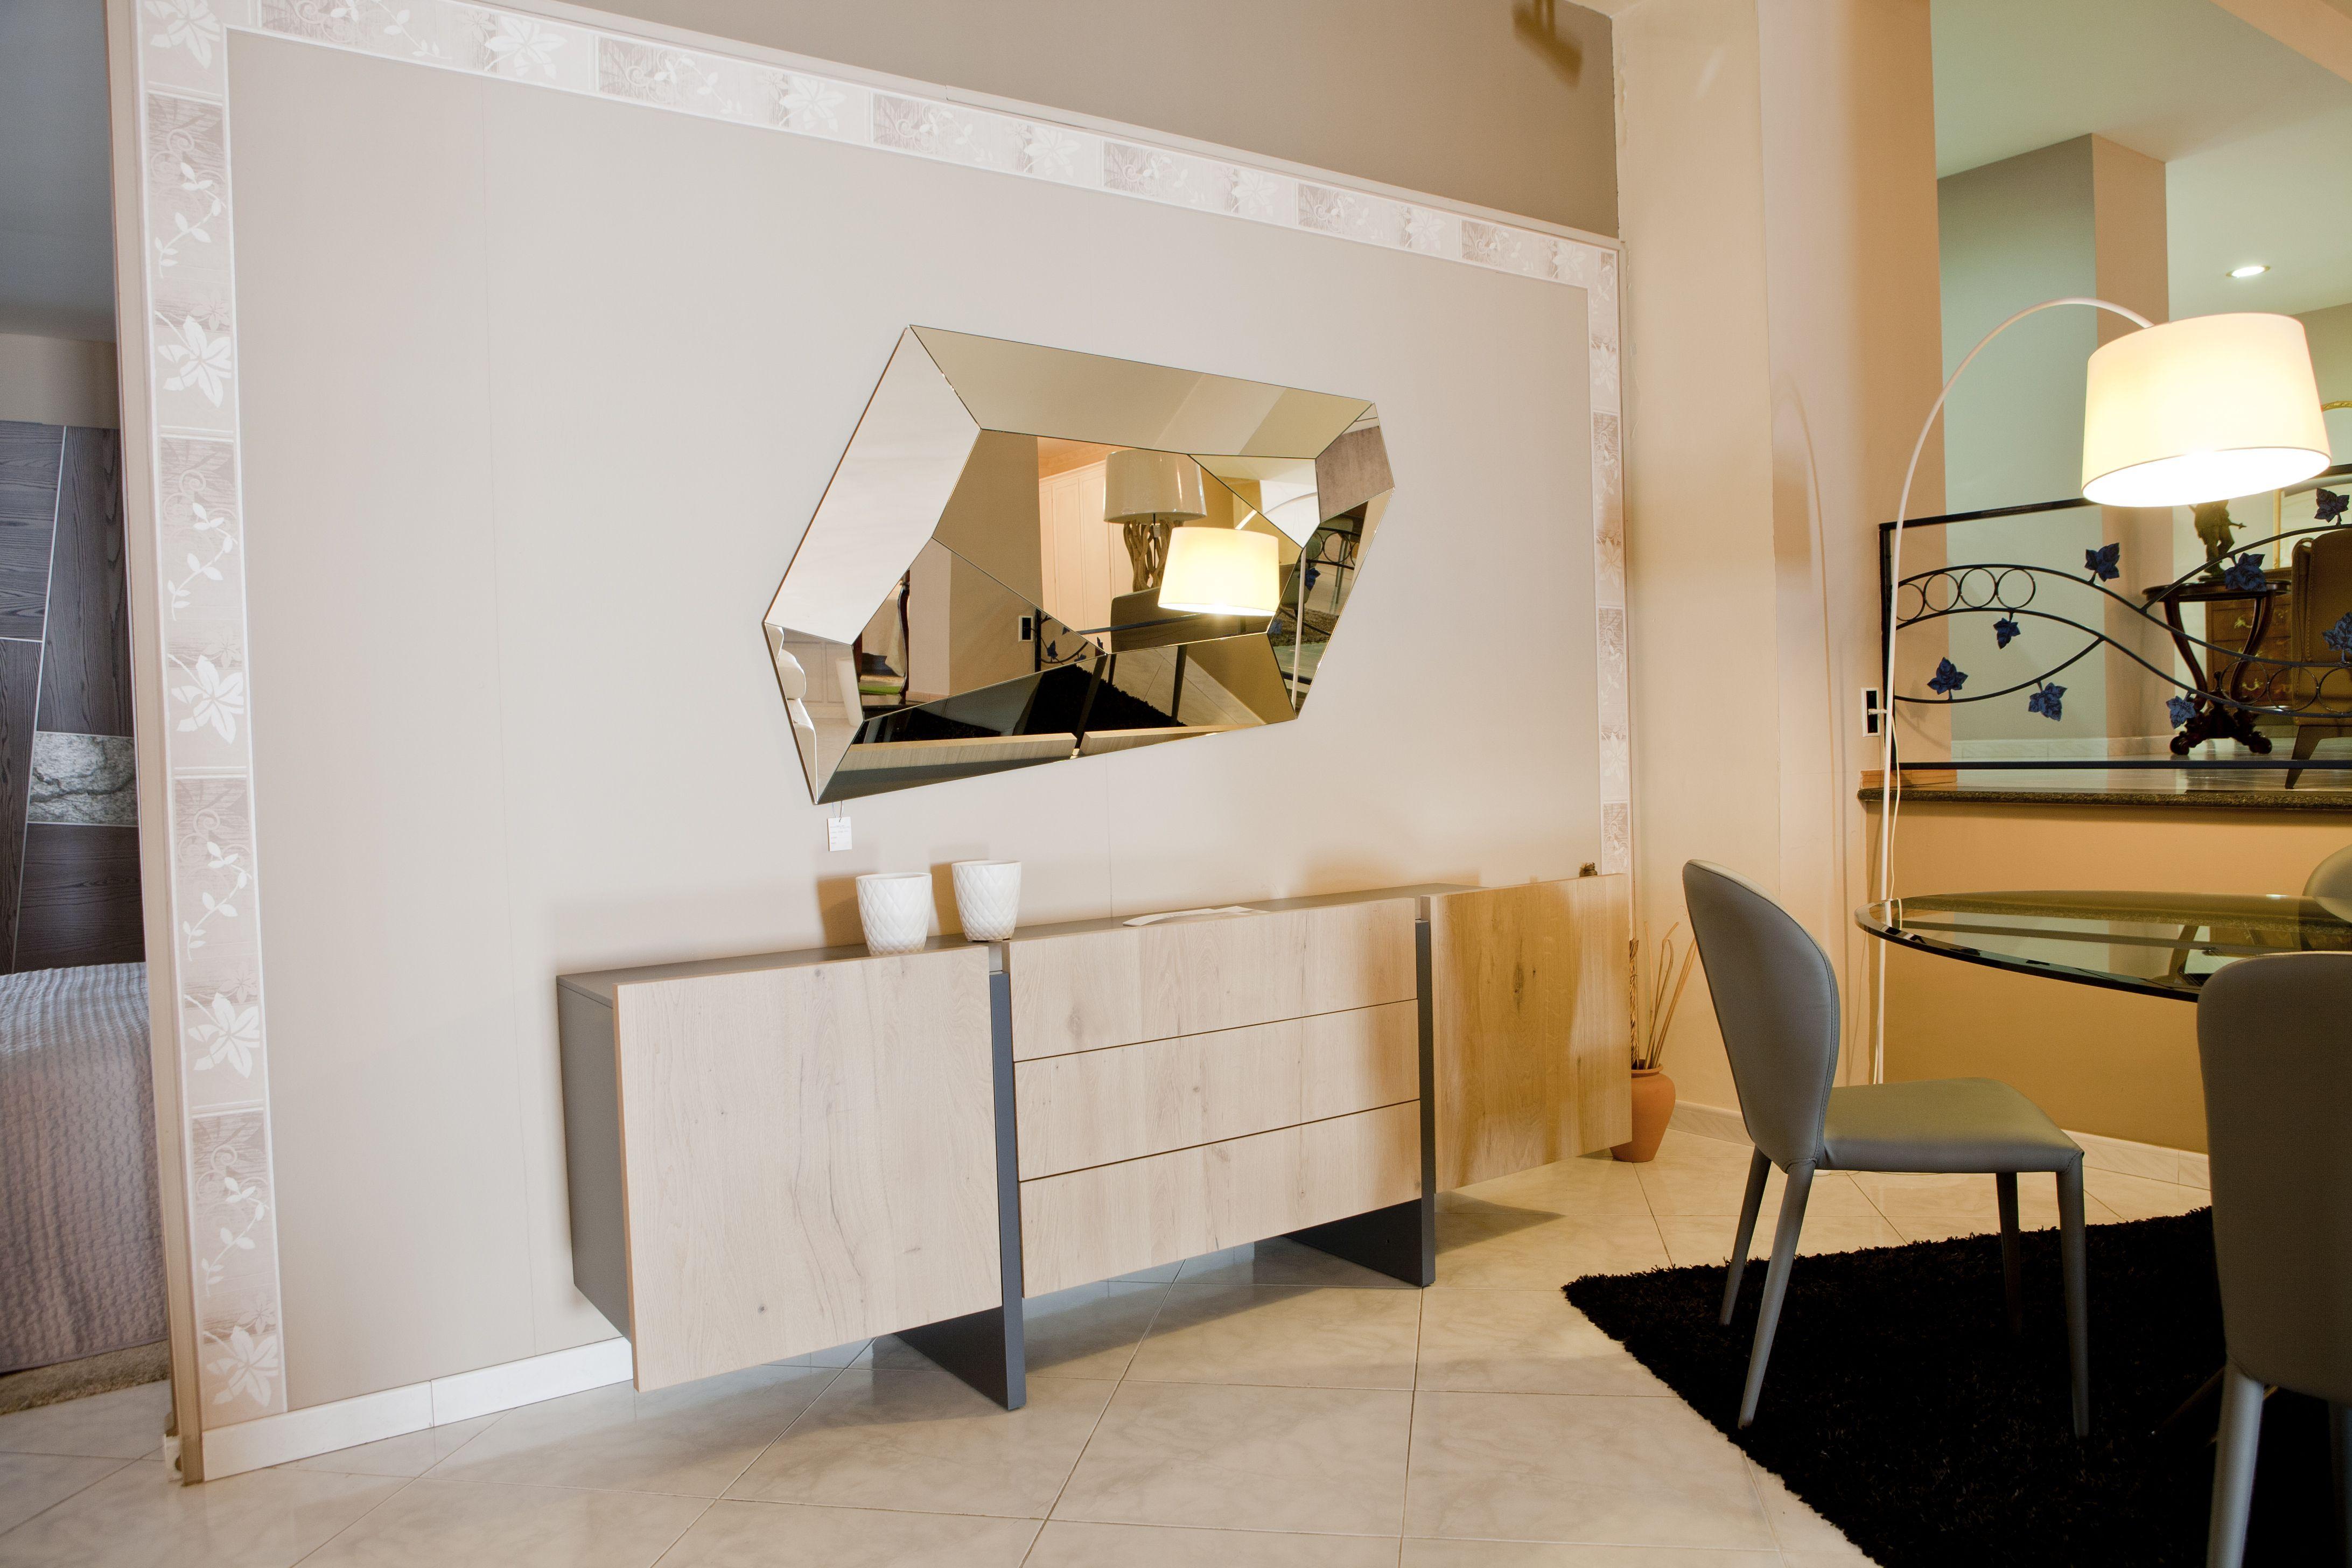 Lampadari soggiorno ~ Madia #arredamento #living #interni #ideas #showroom #shabby